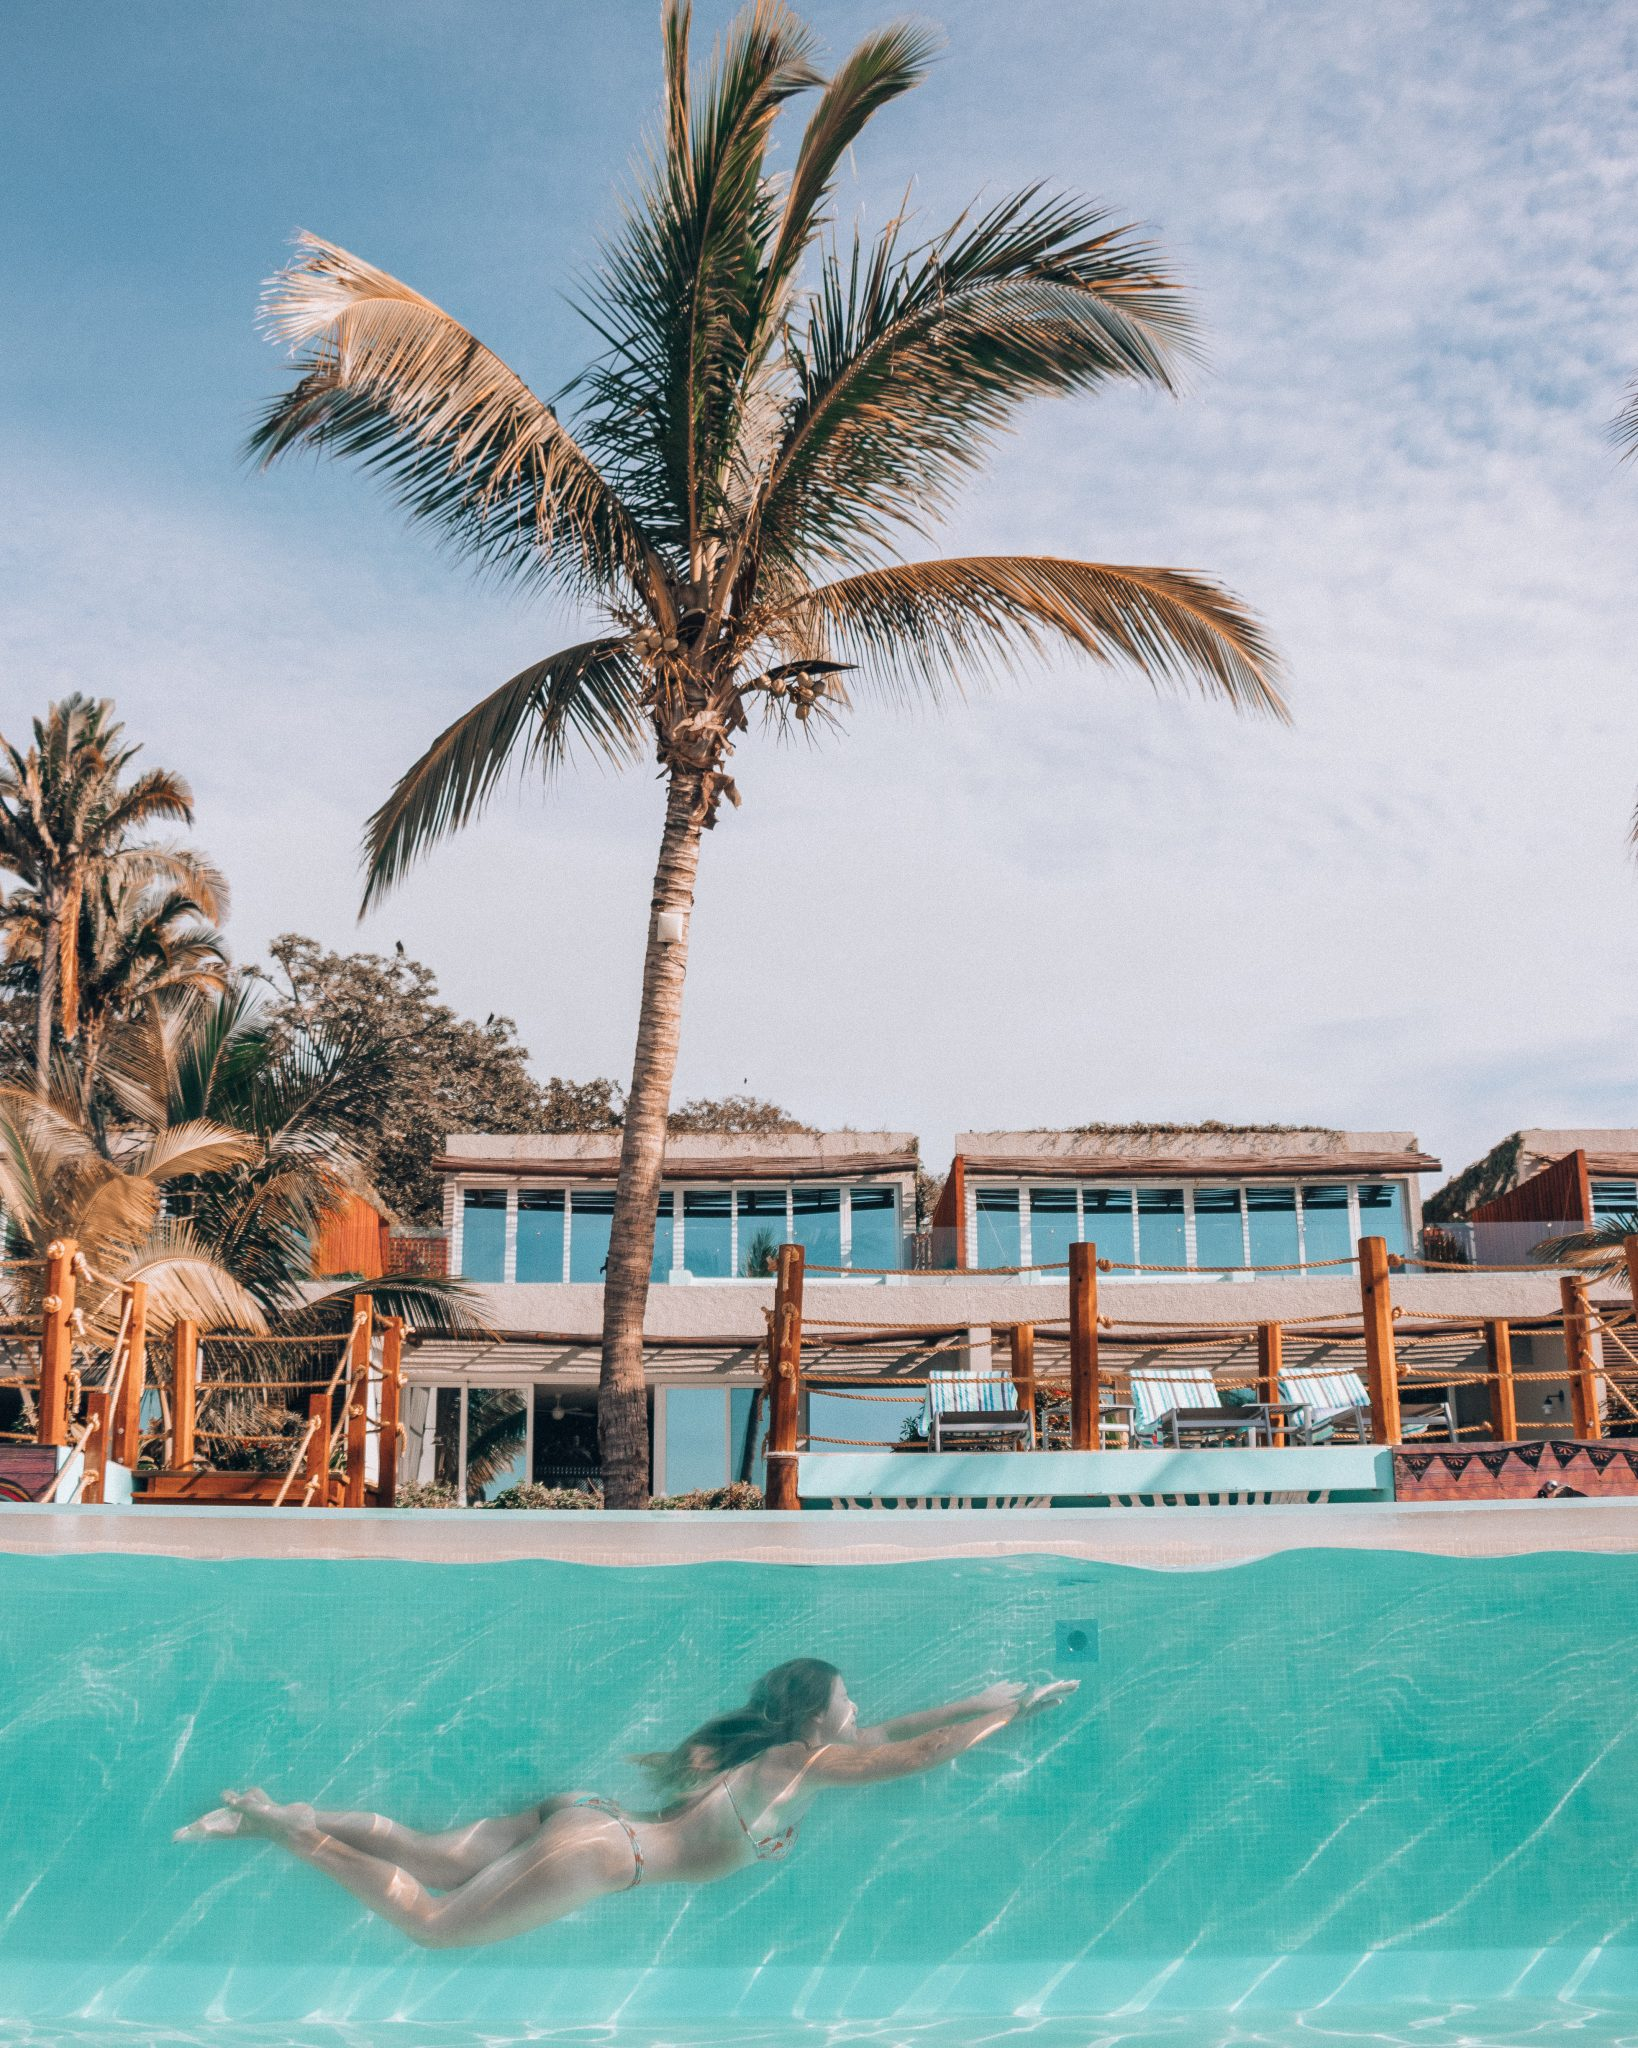 Luxury hotel Punta de Mita